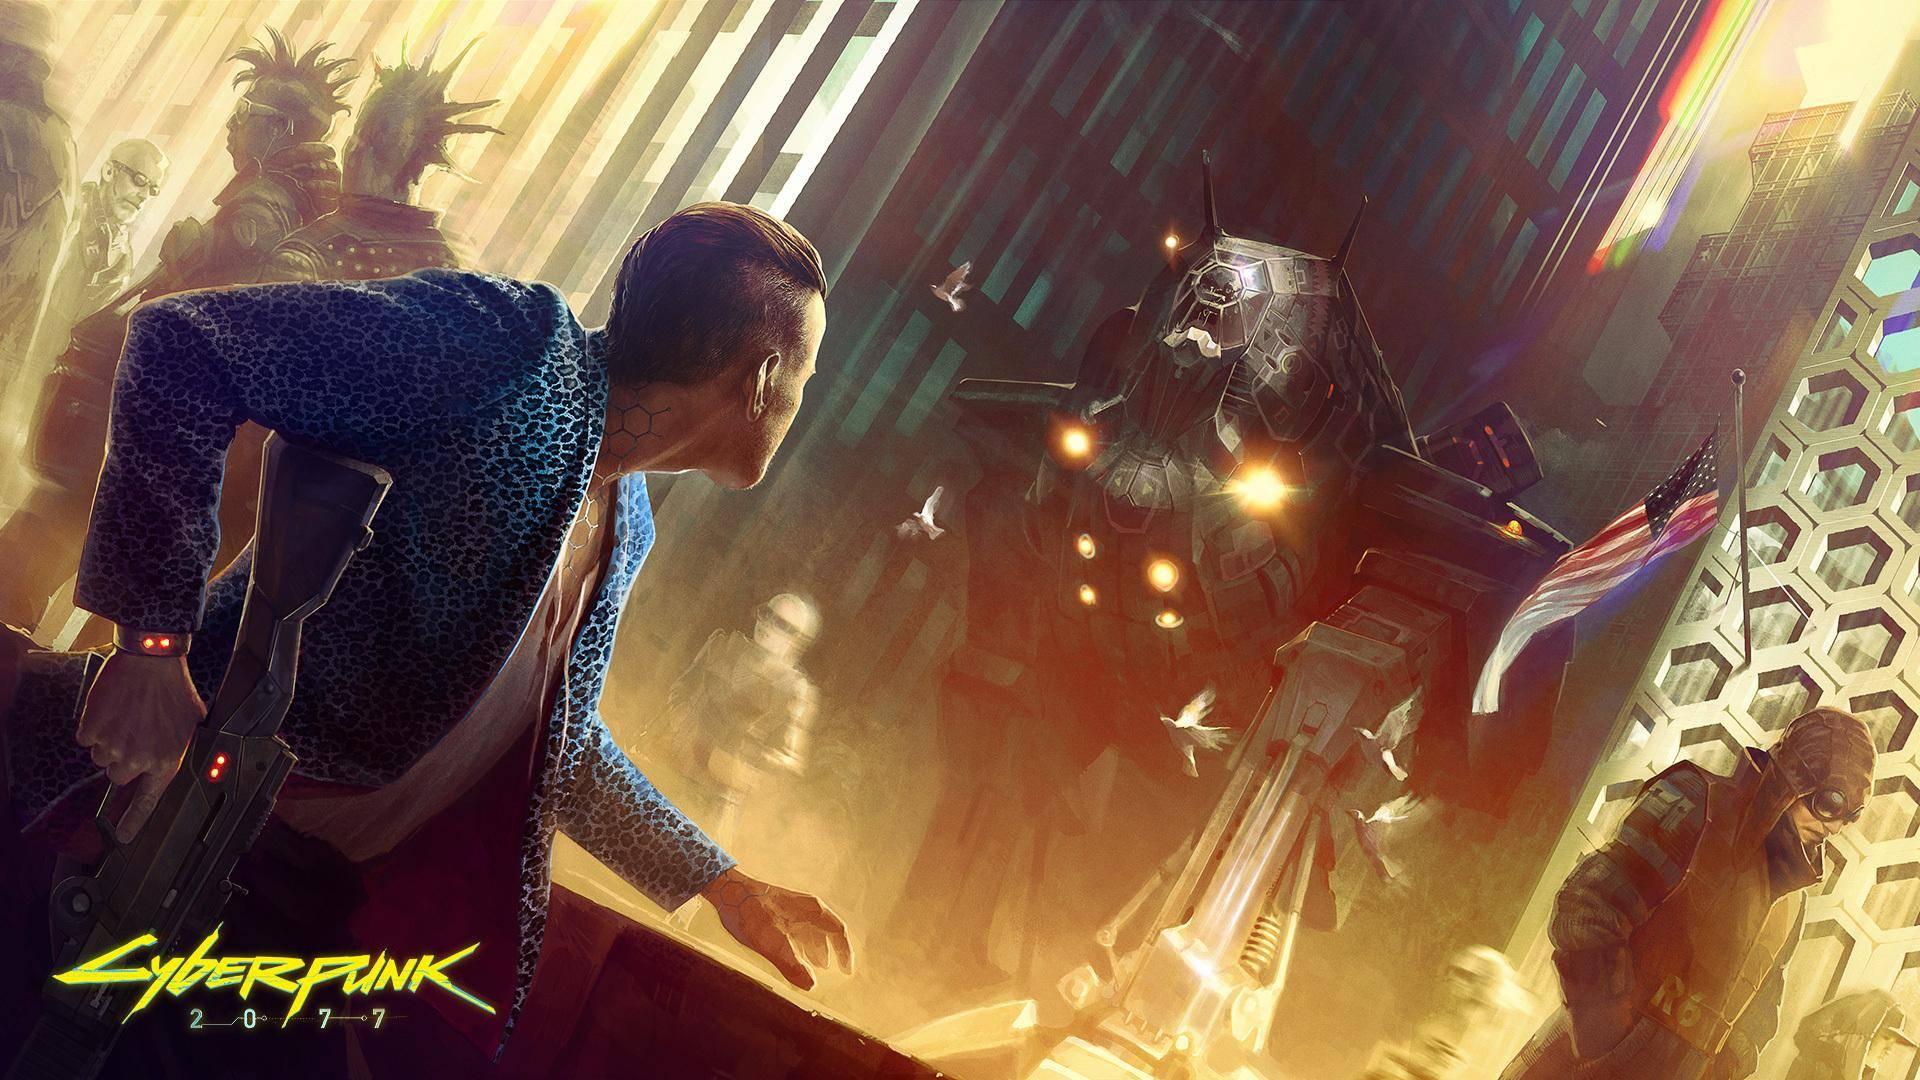 شاید Cyberpunk 2077 زودتر از زمان مورد انتظار عرضه شود